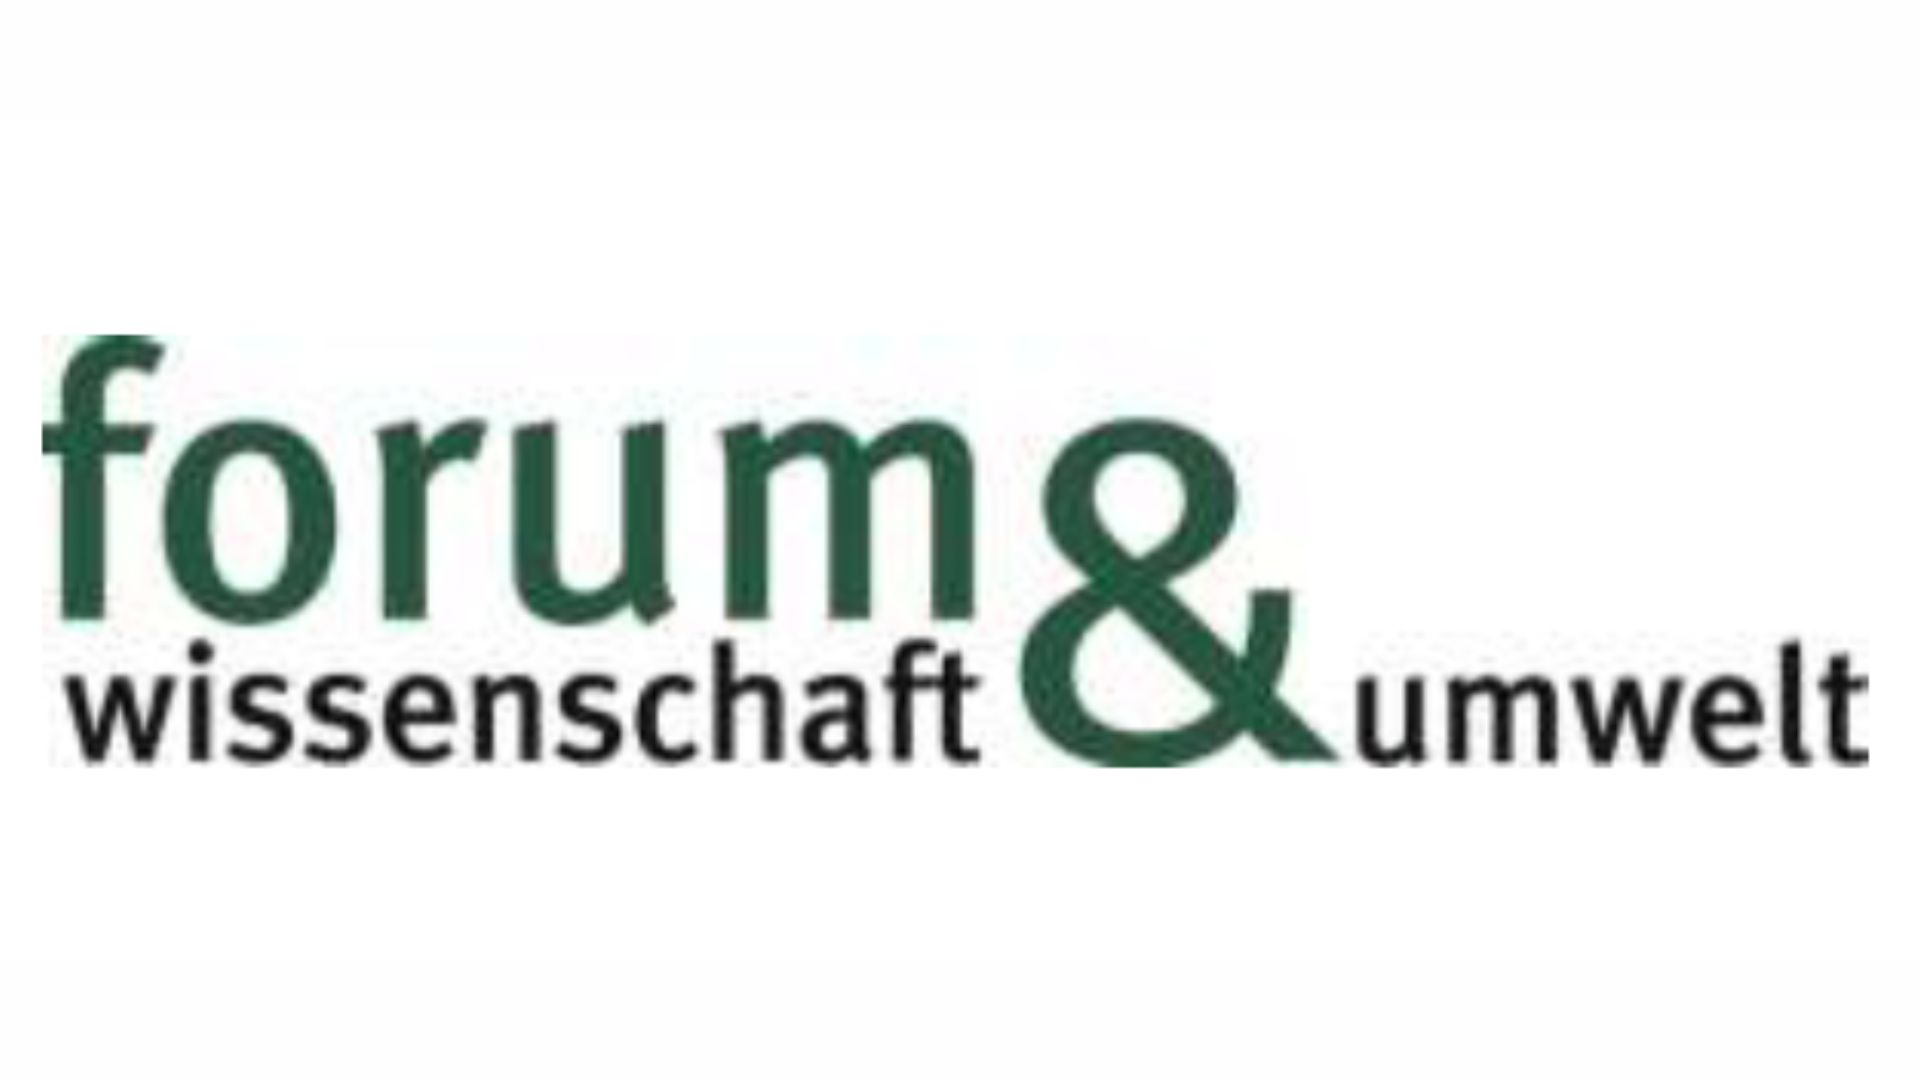 fwu logo